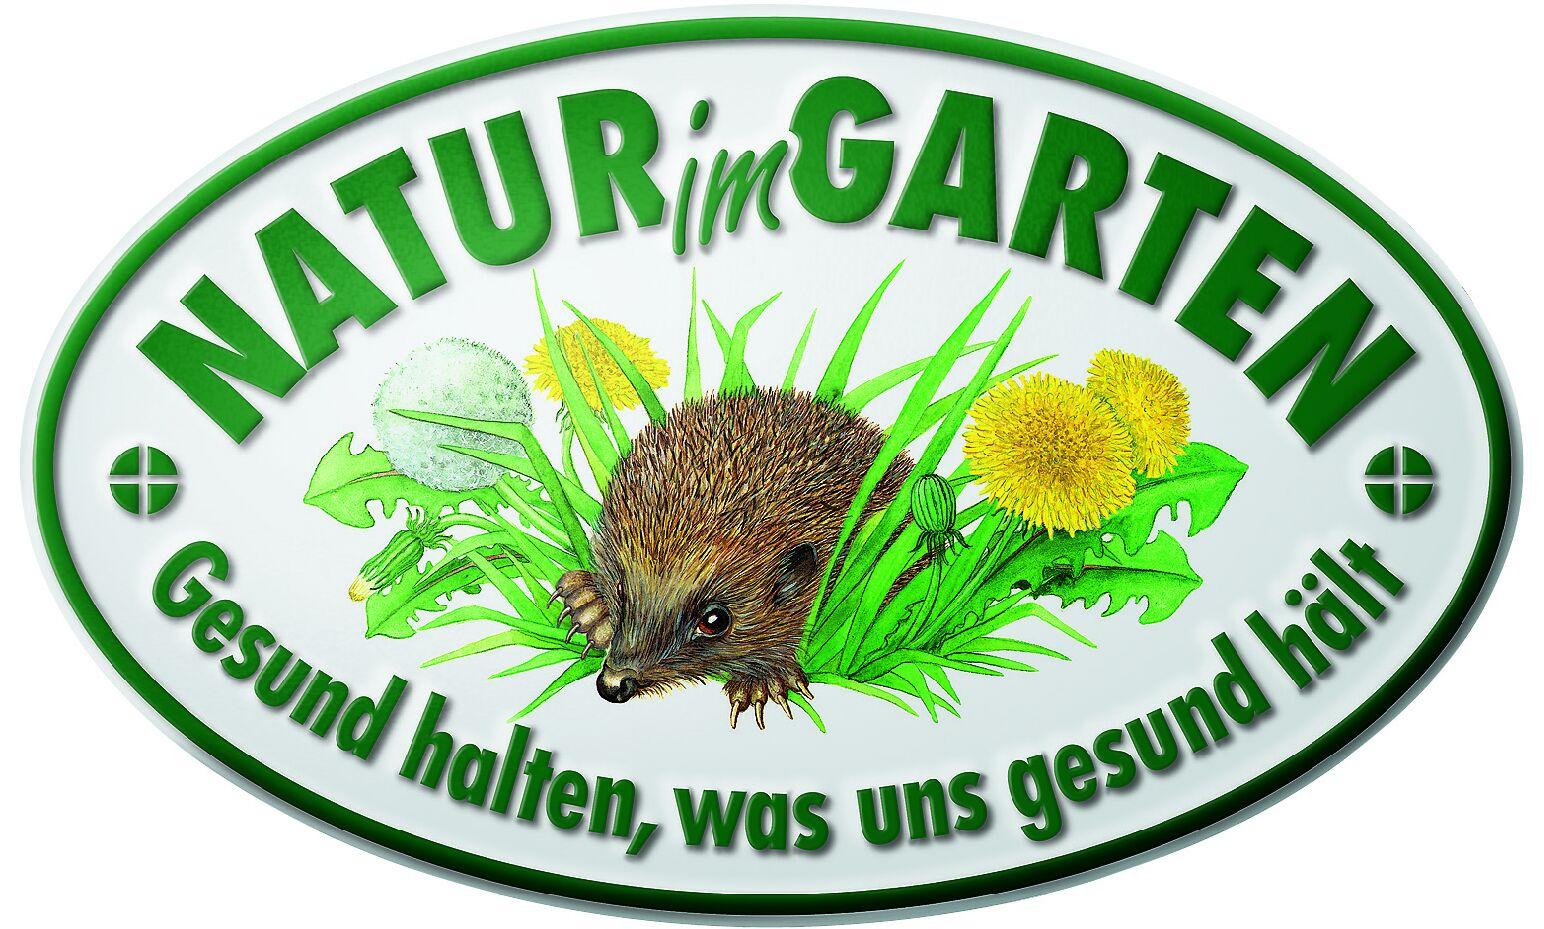 abc markets News 01/15 Gartengestaltung